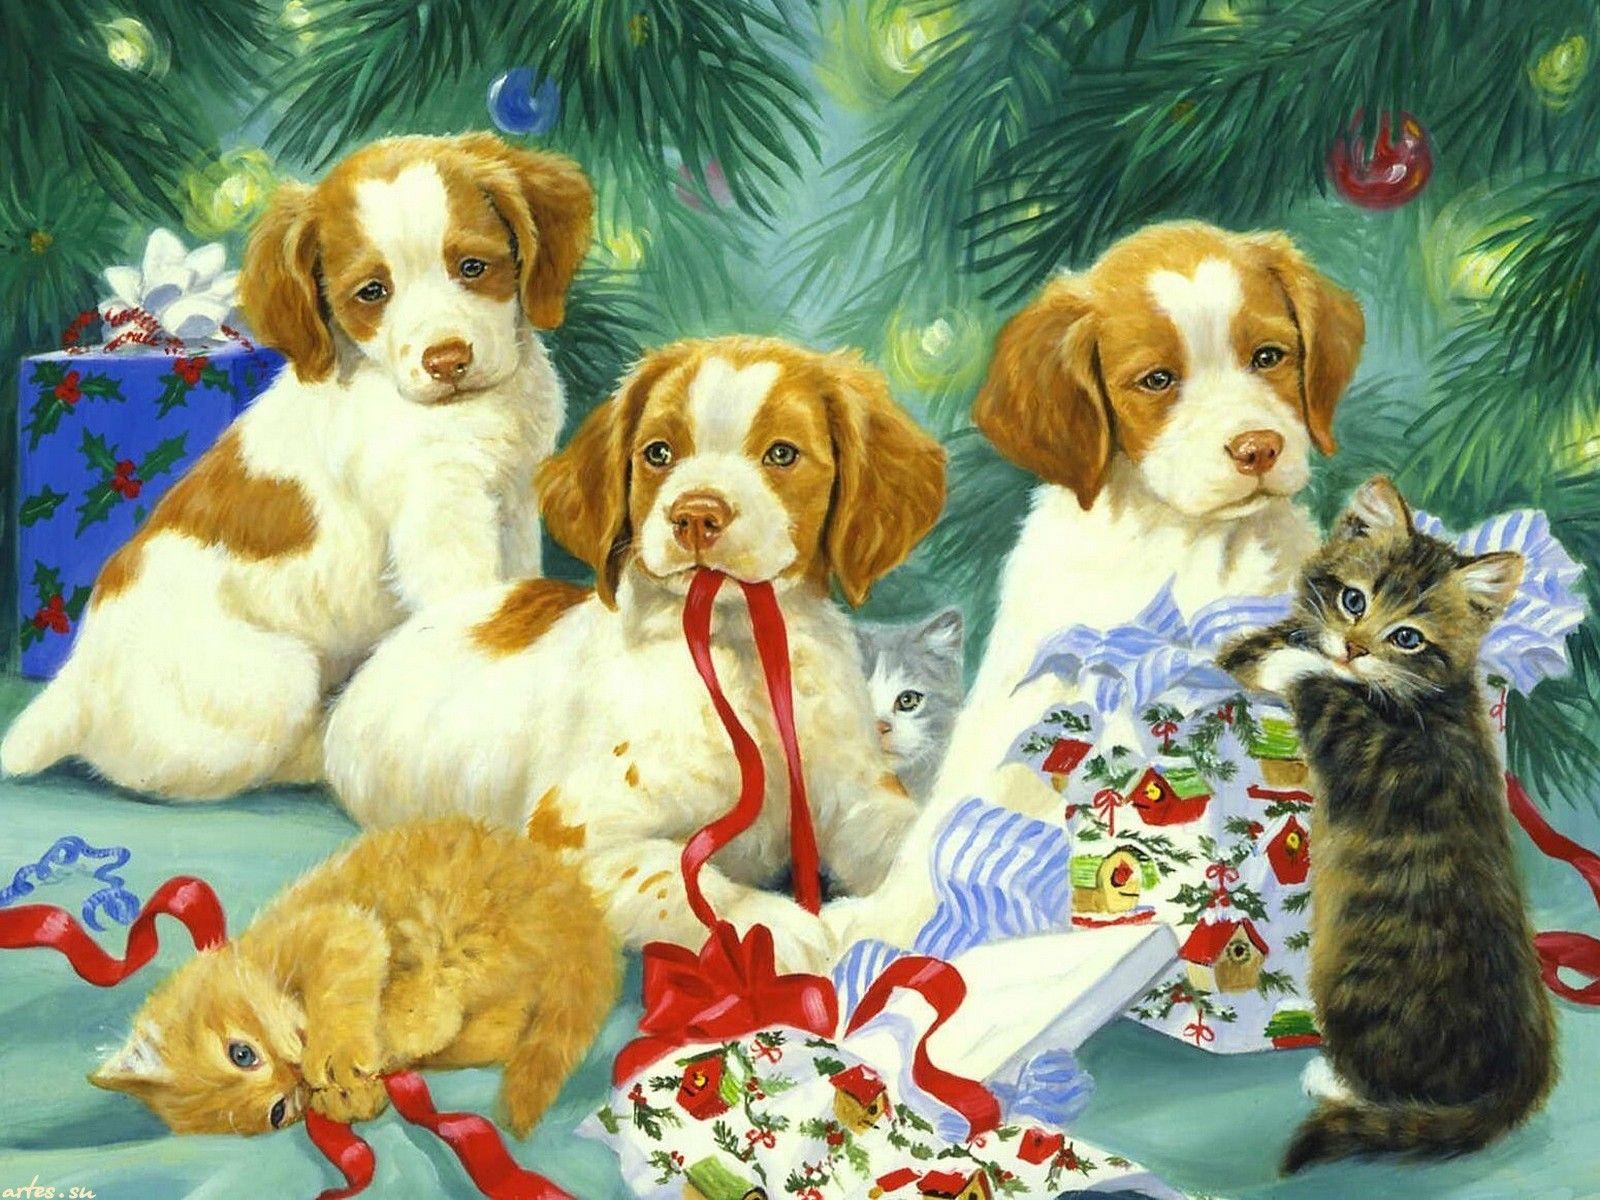 Скачать обои  животные, щенки, котята, ёлка, Новый год, Linda Picken 1600x1200